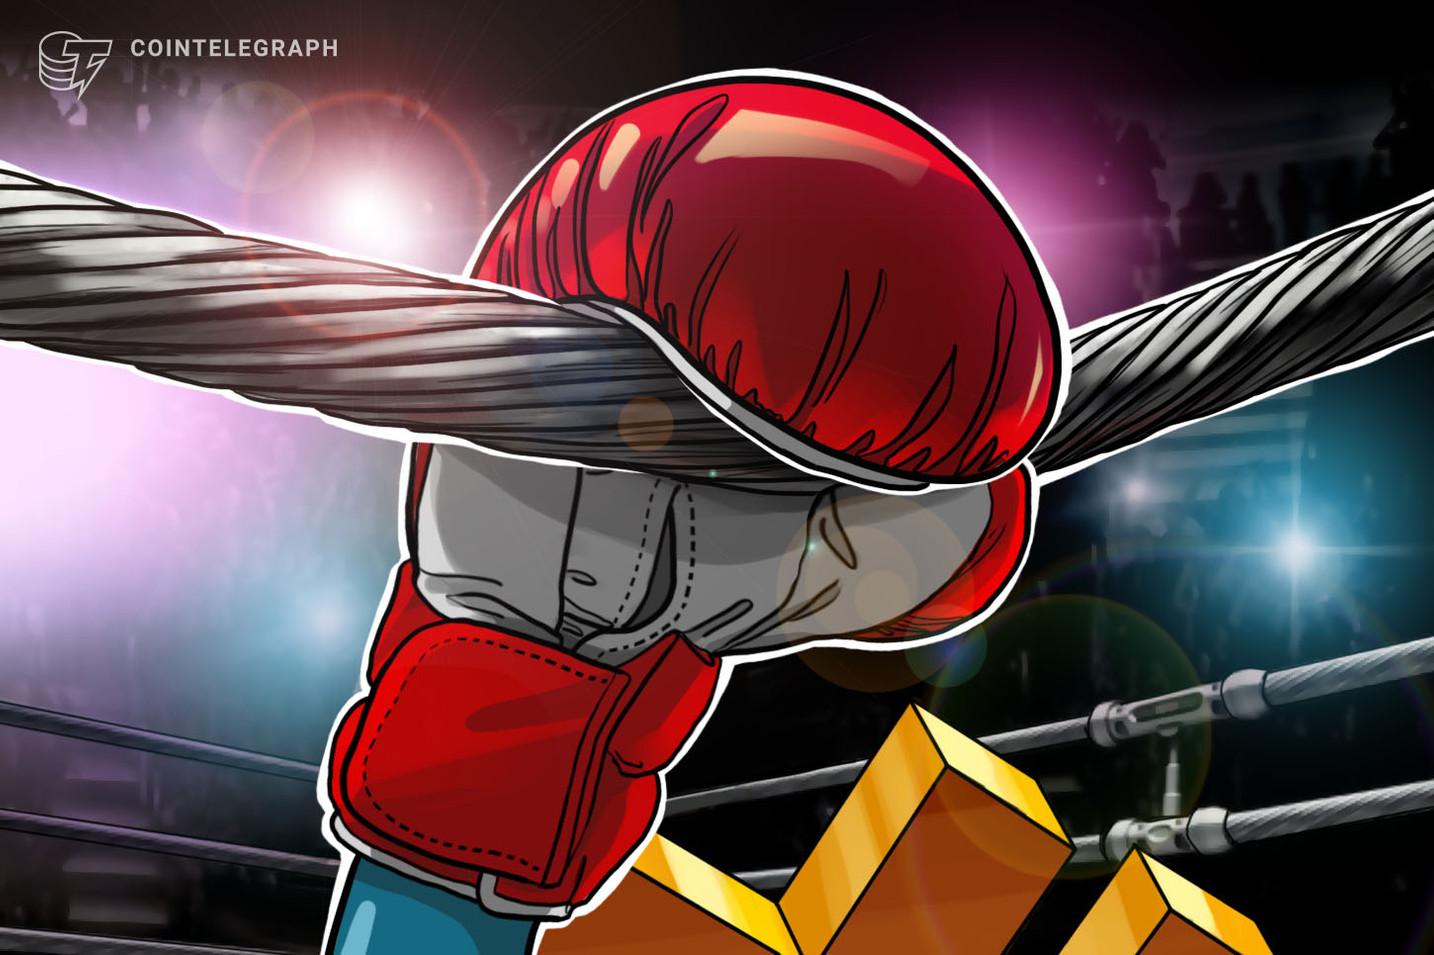 Es probable que el dominio de Bitcoin se recupere tras la caída del mercado, indica un informe